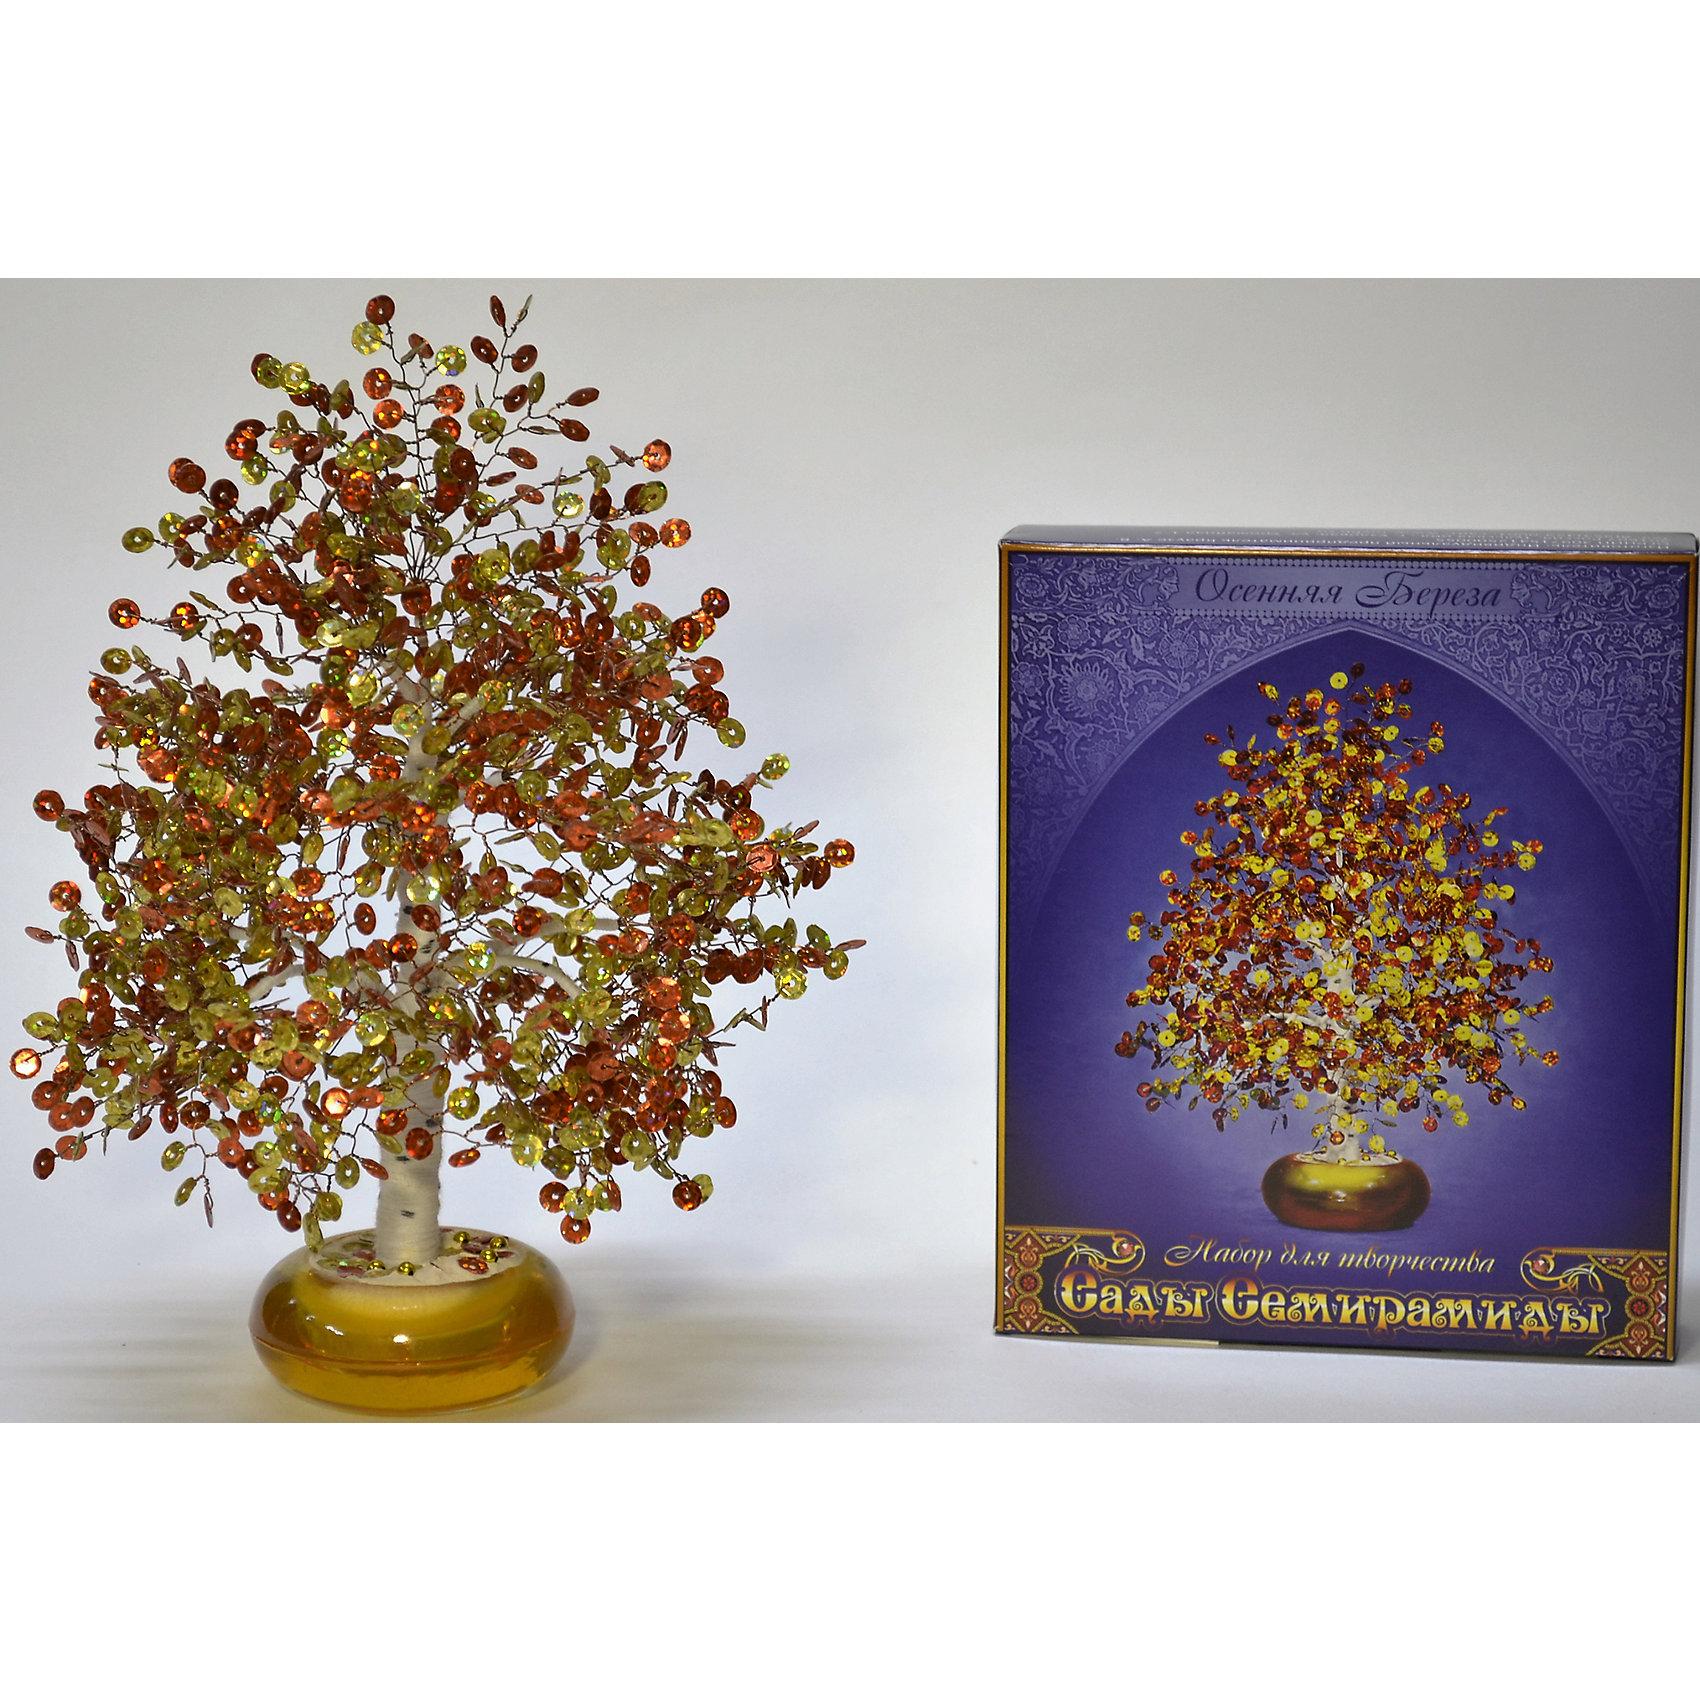 Набор для творчества Сады Семирамиды Осенняя березаДеревья из пайеток<br>Серия «Сады Семирамиды» представляют собой комплект необходимых<br>материалов, используя которые можно создать своё «Волшебное дерево» из каждого набора. Наборы предназначены для семейного творчества.<br><br>Ширина мм: 14<br>Глубина мм: 3<br>Высота мм: 17<br>Вес г: 380<br>Возраст от месяцев: 84<br>Возраст до месяцев: 192<br>Пол: Унисекс<br>Возраст: Детский<br>SKU: 5068871